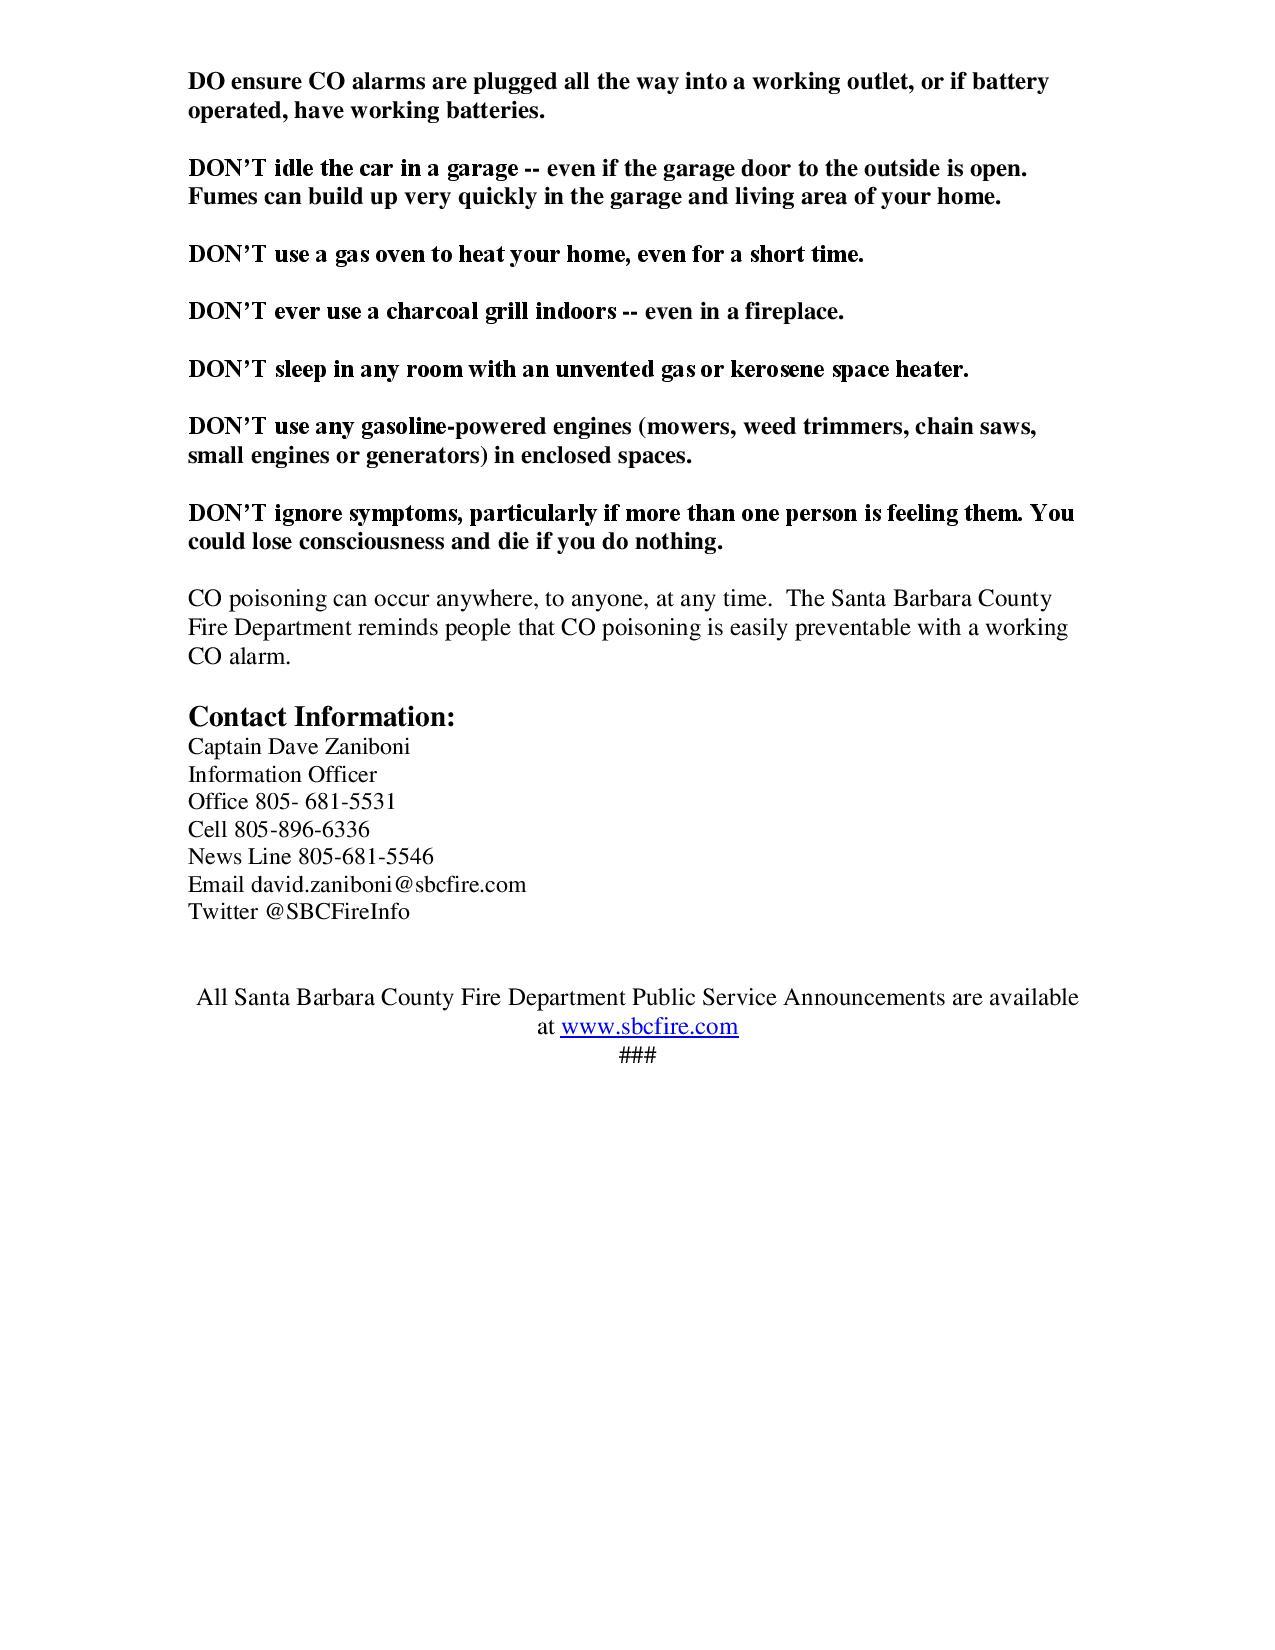 PSA Carbon Monoxide Alarms-pg2